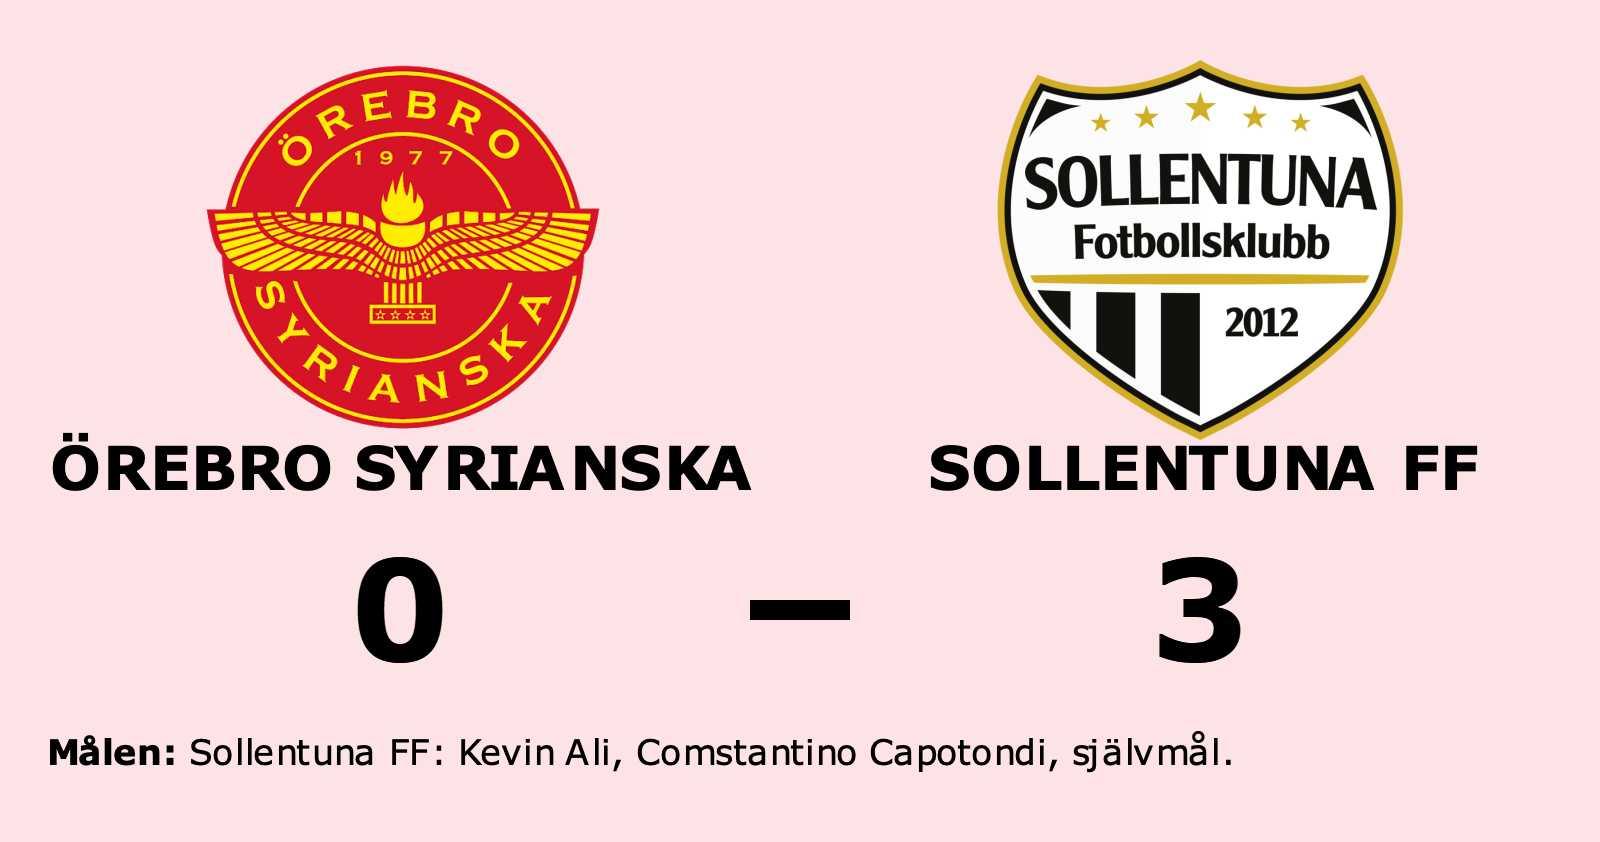 Klar seger för Sollentuna FF mot Örebro Syrianska på Mellringe IP